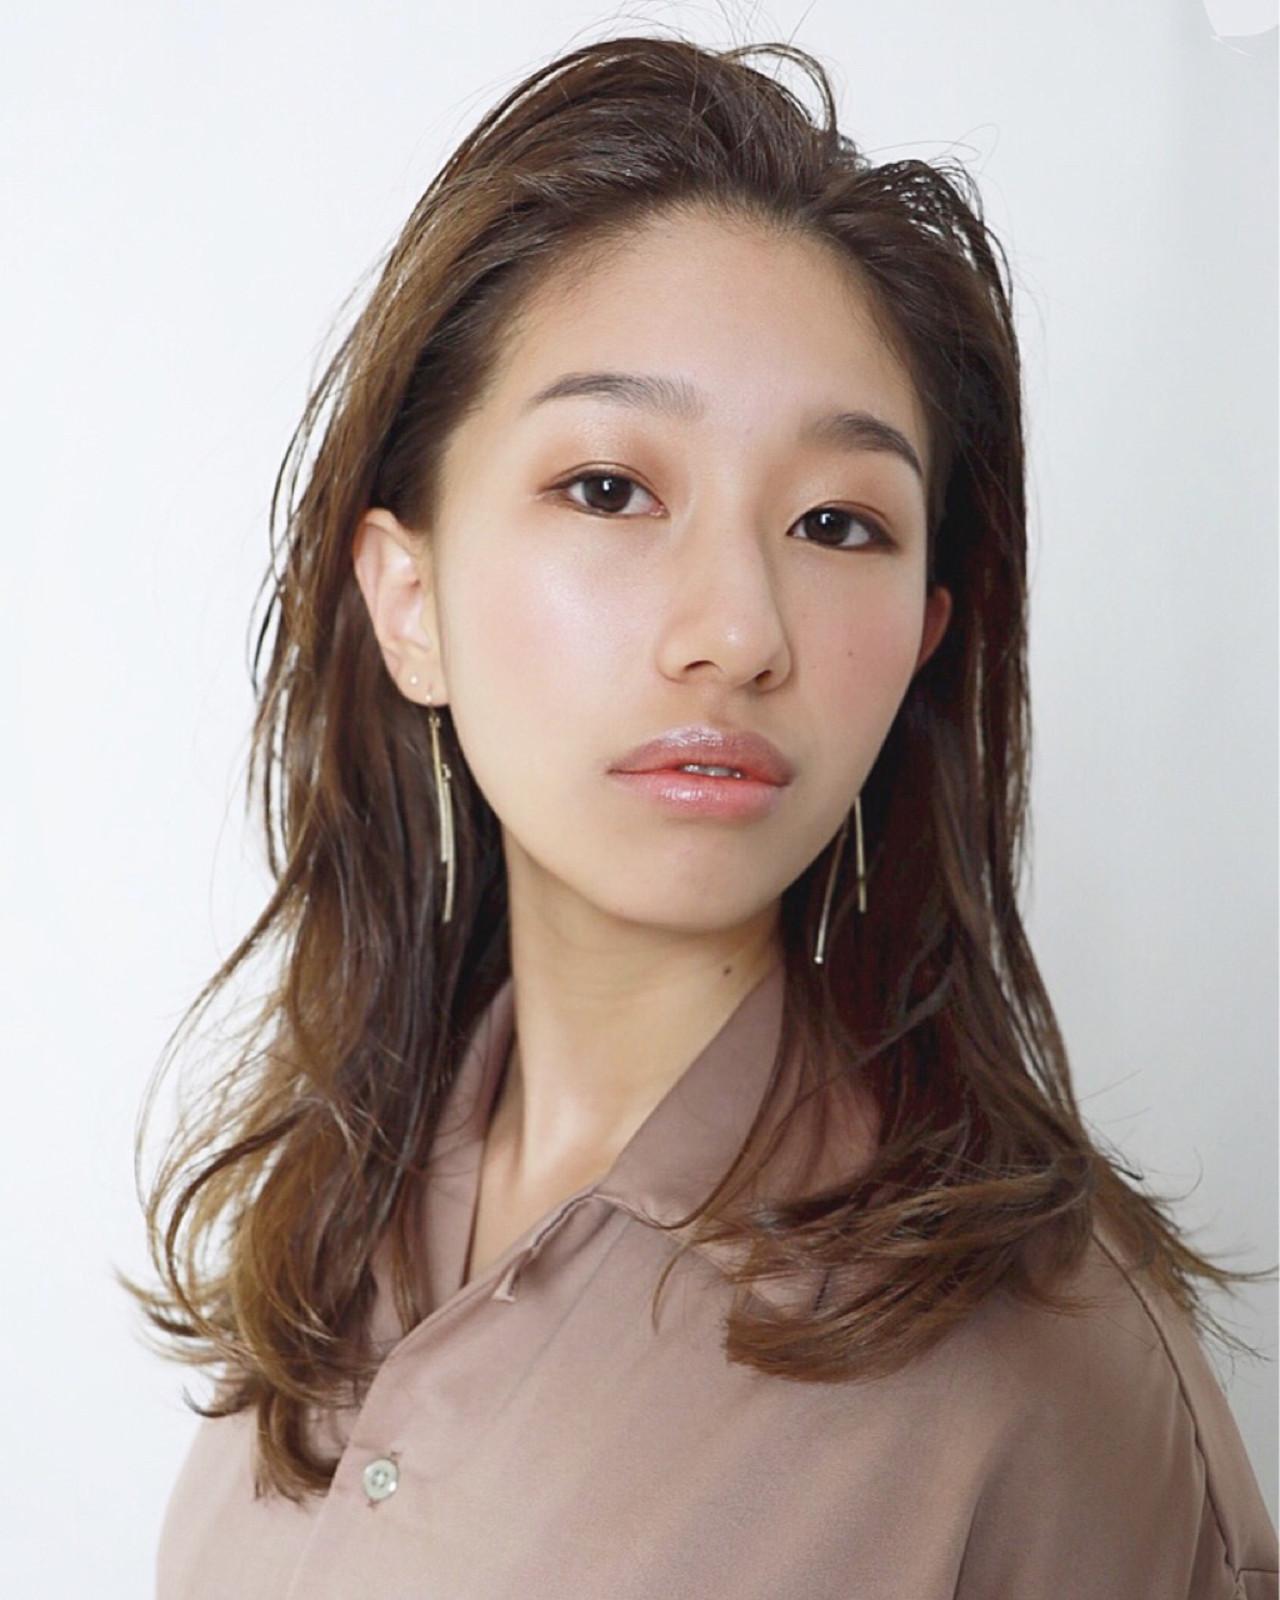 モード セミロング 前髪なし アンニュイ ヘアスタイルや髪型の写真・画像